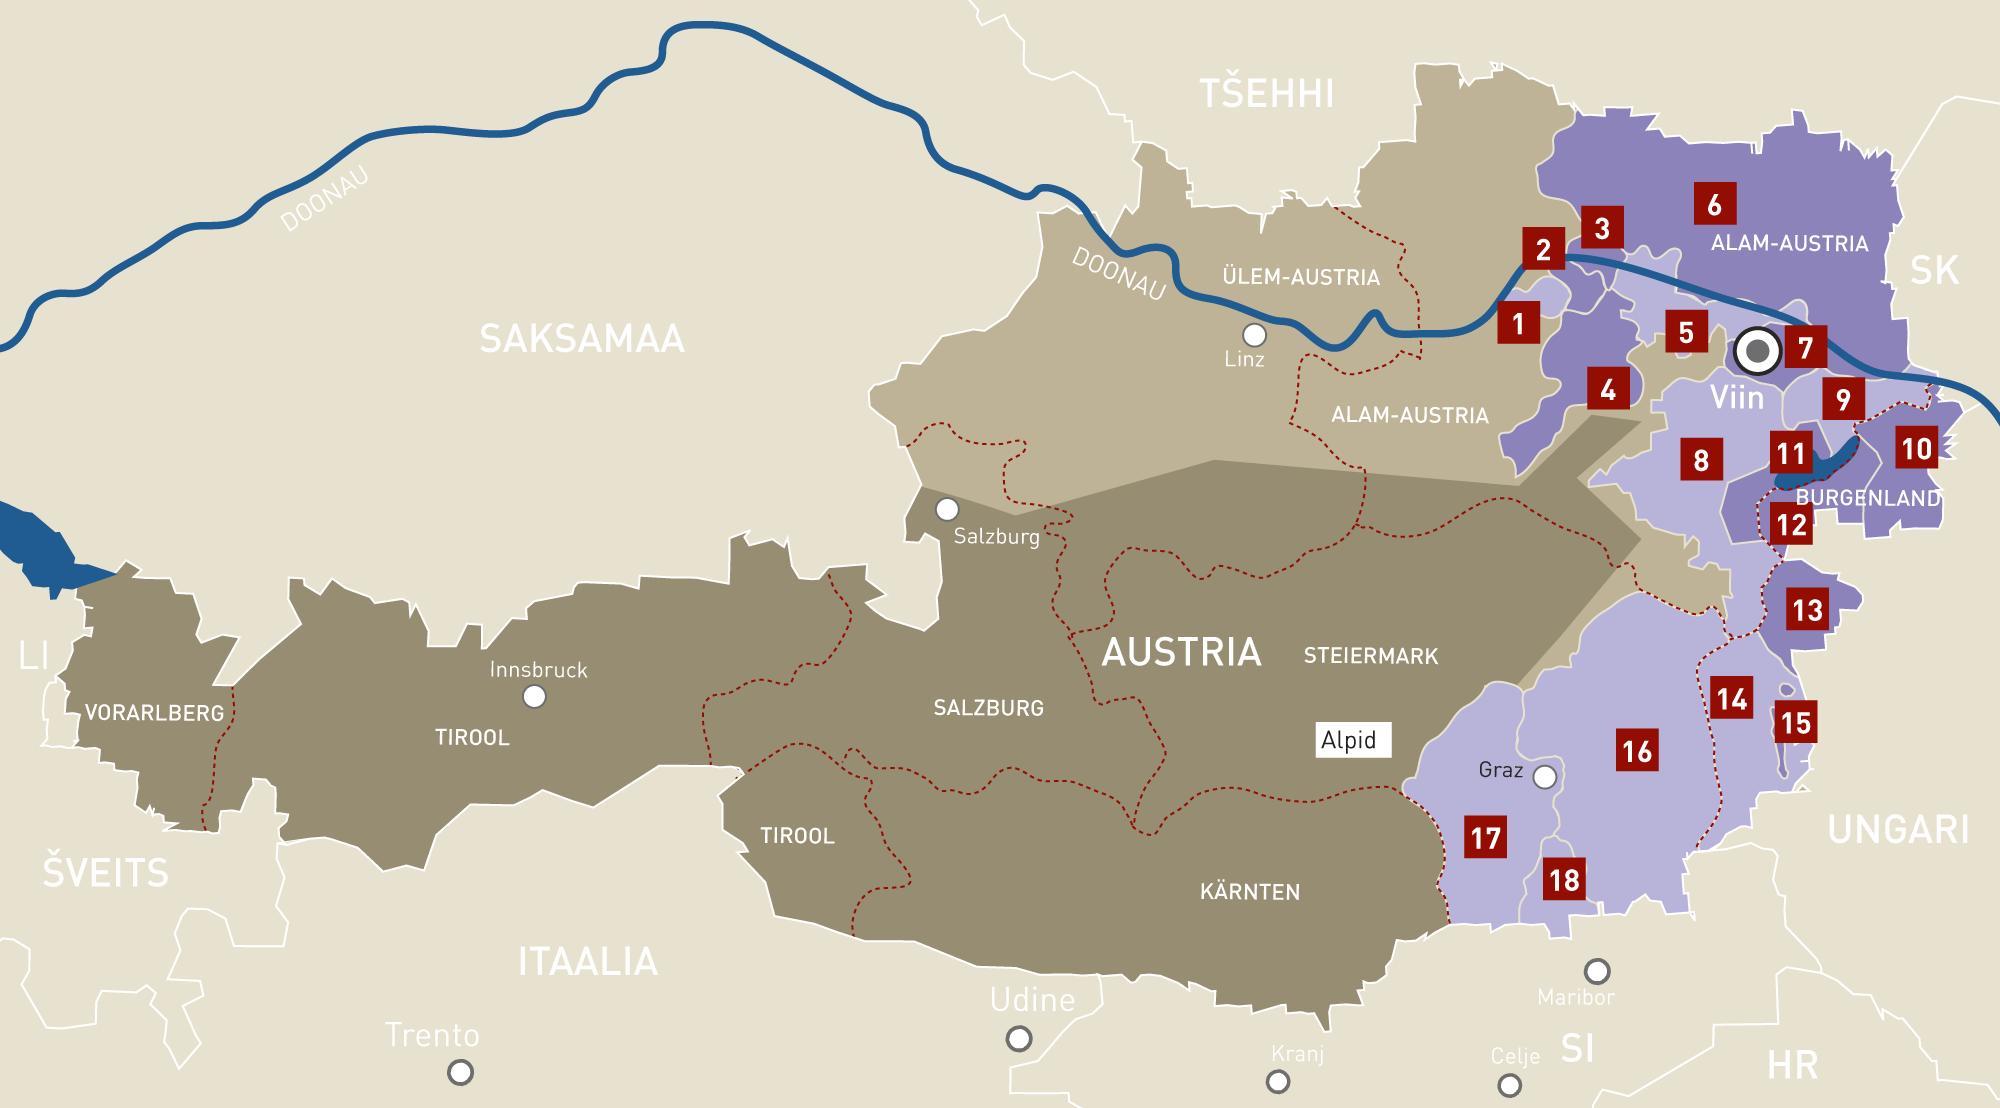 Austria veinipiirkondade kaart